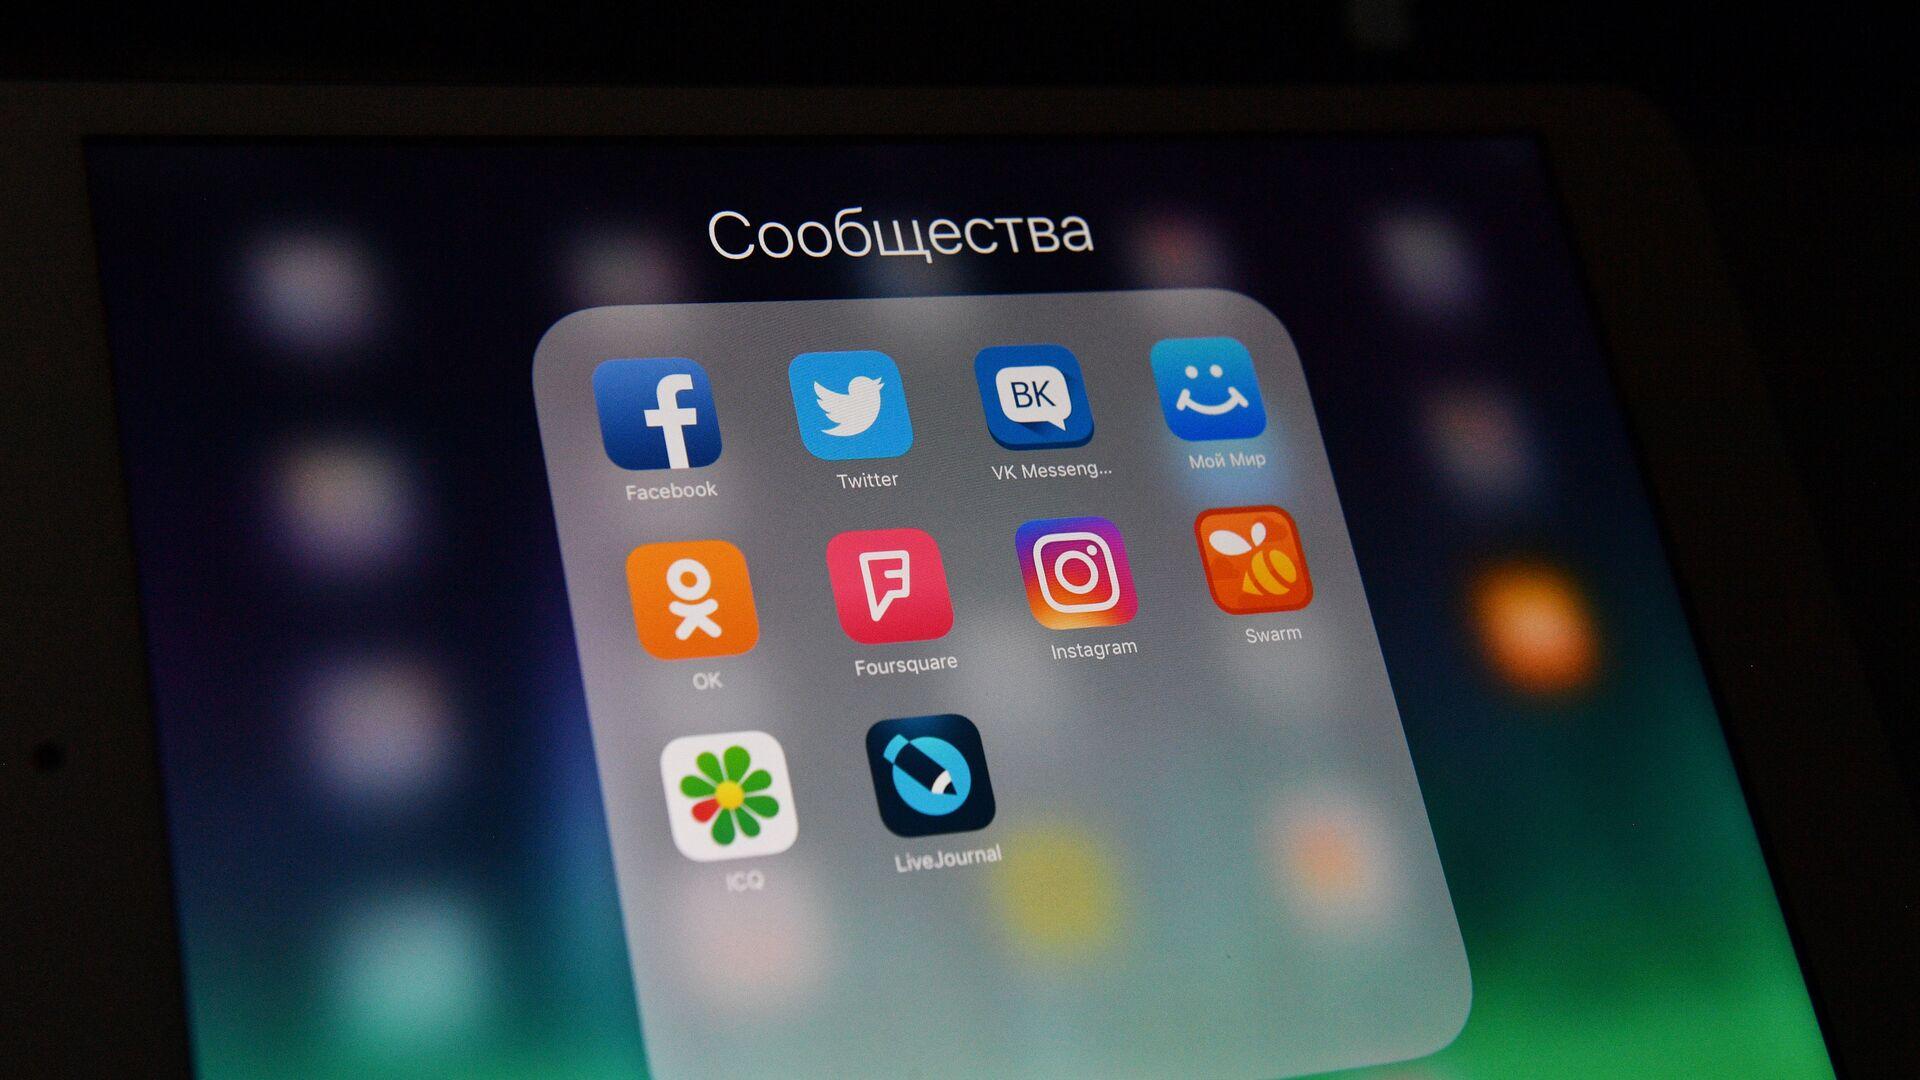 Иконки социальных сетей на экране смартфона - РИА Новости, 1920, 20.05.2021